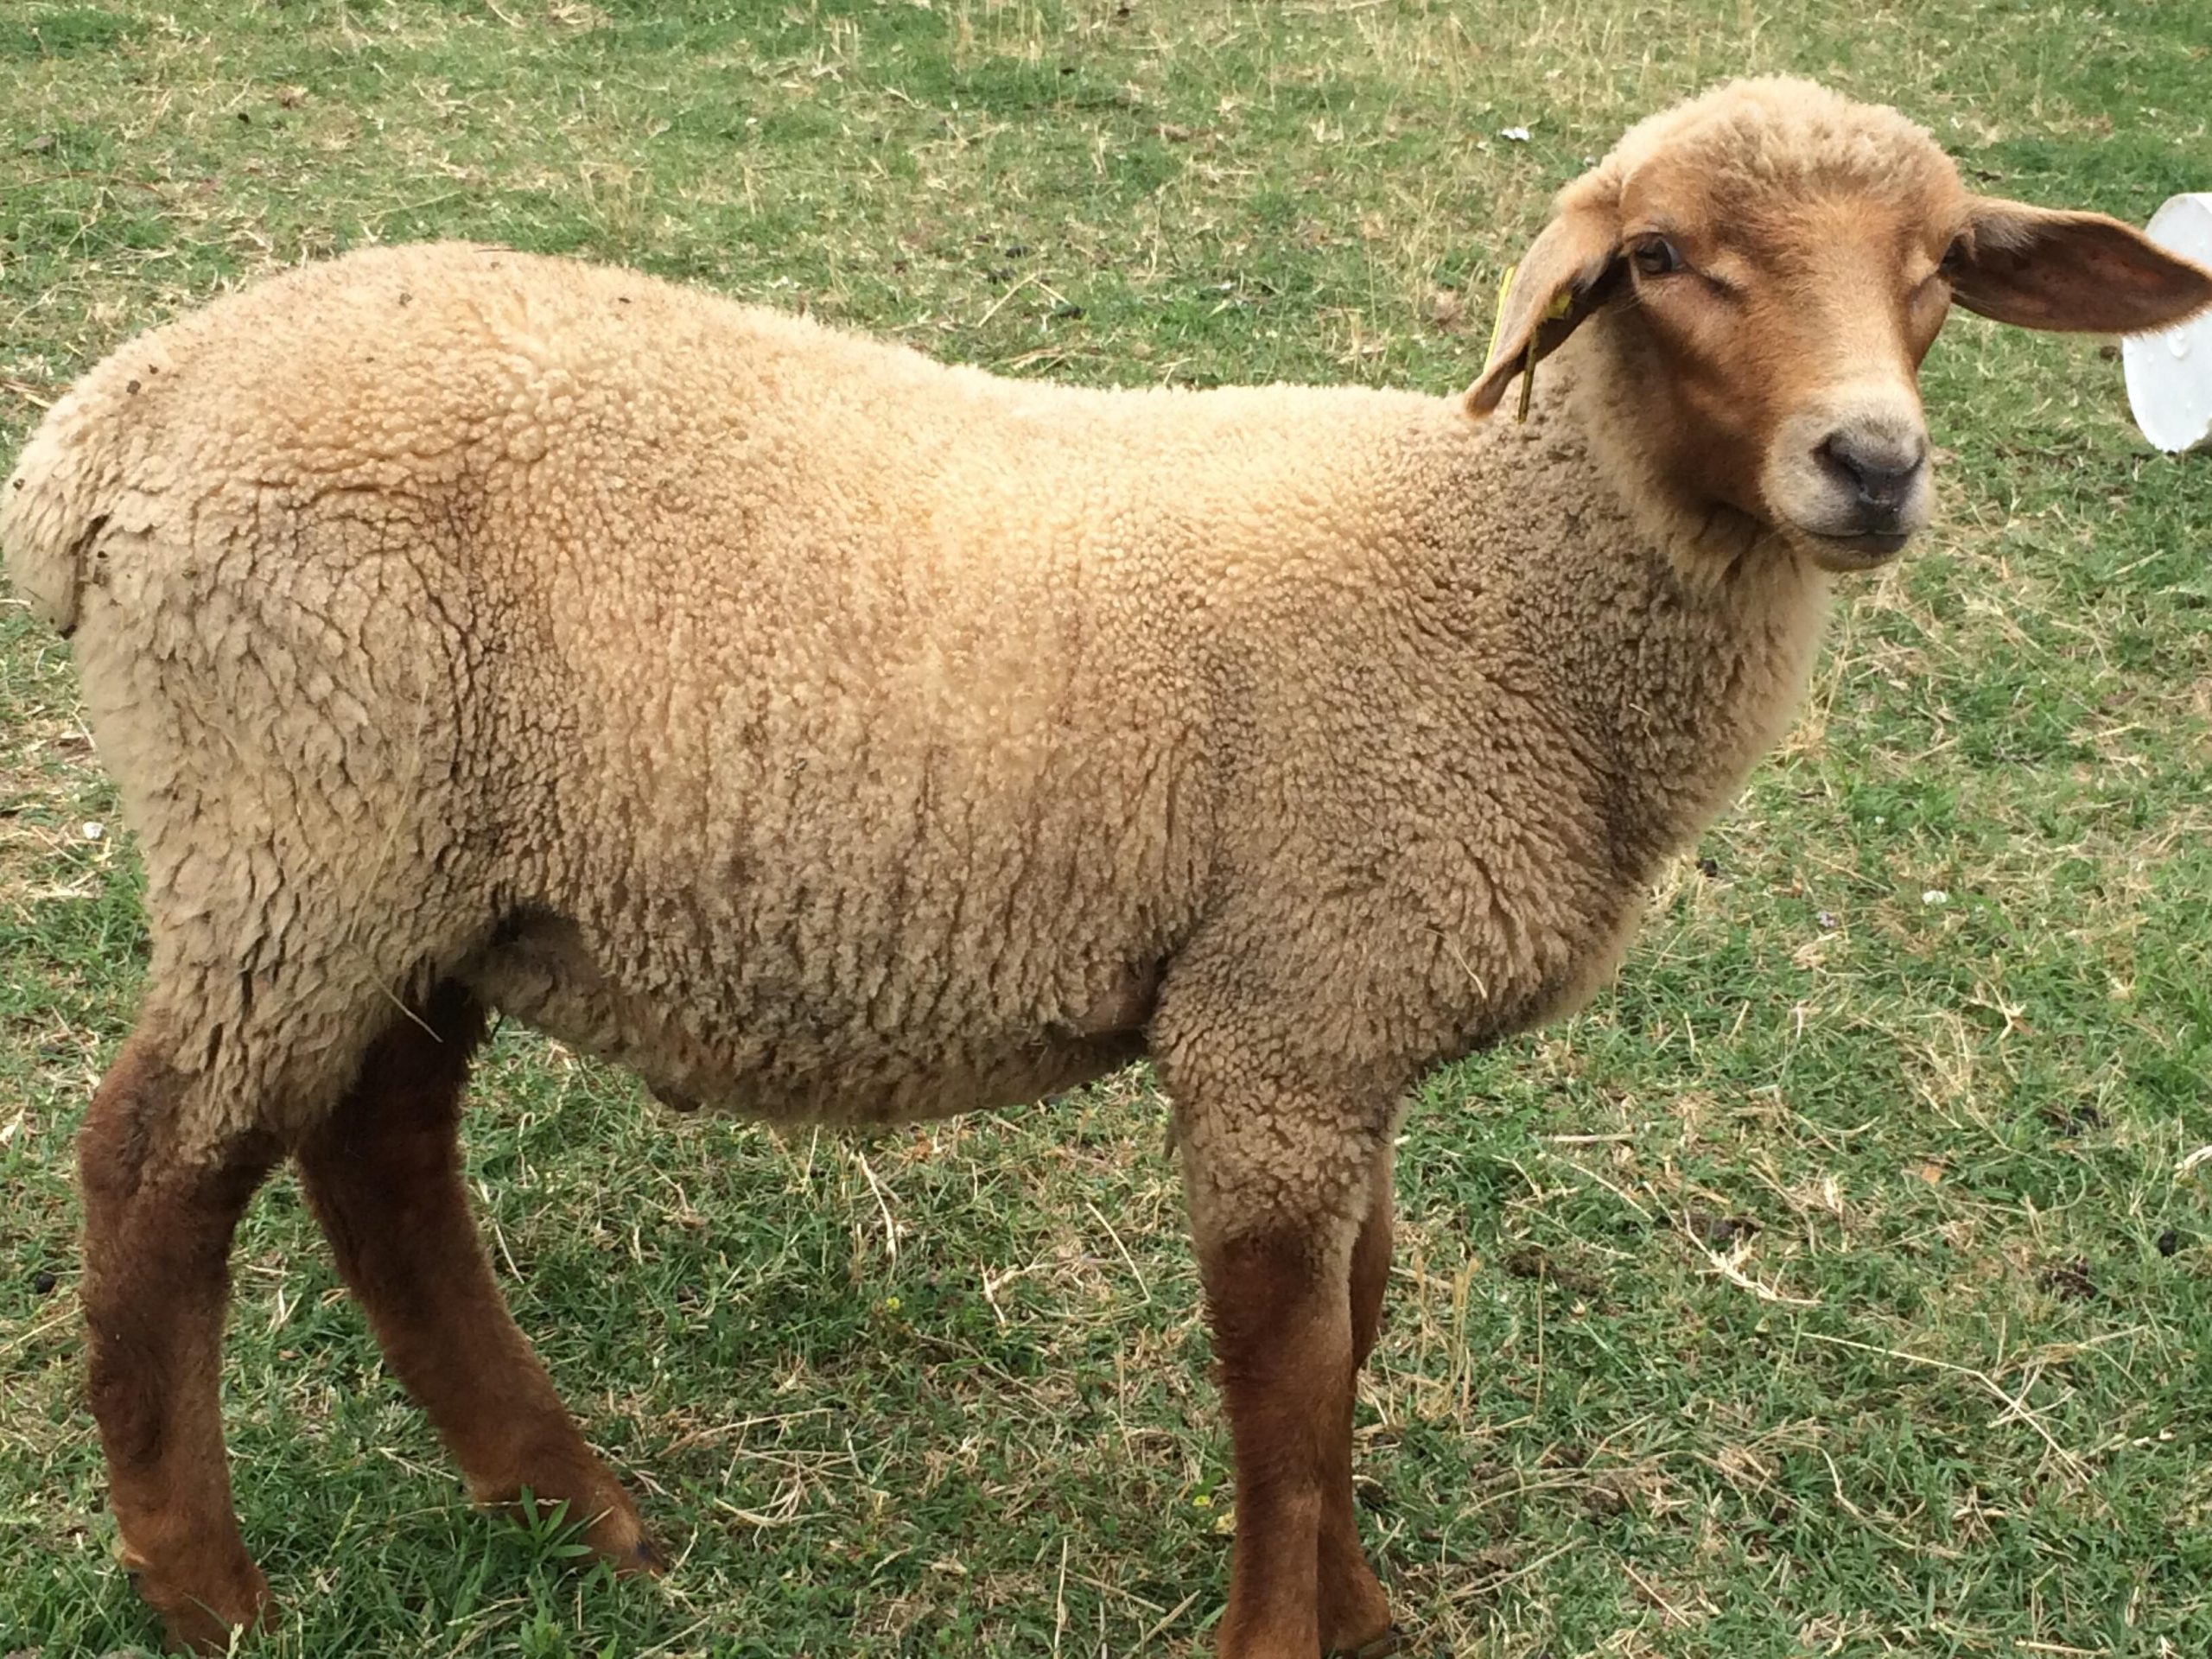 A tunis sheep